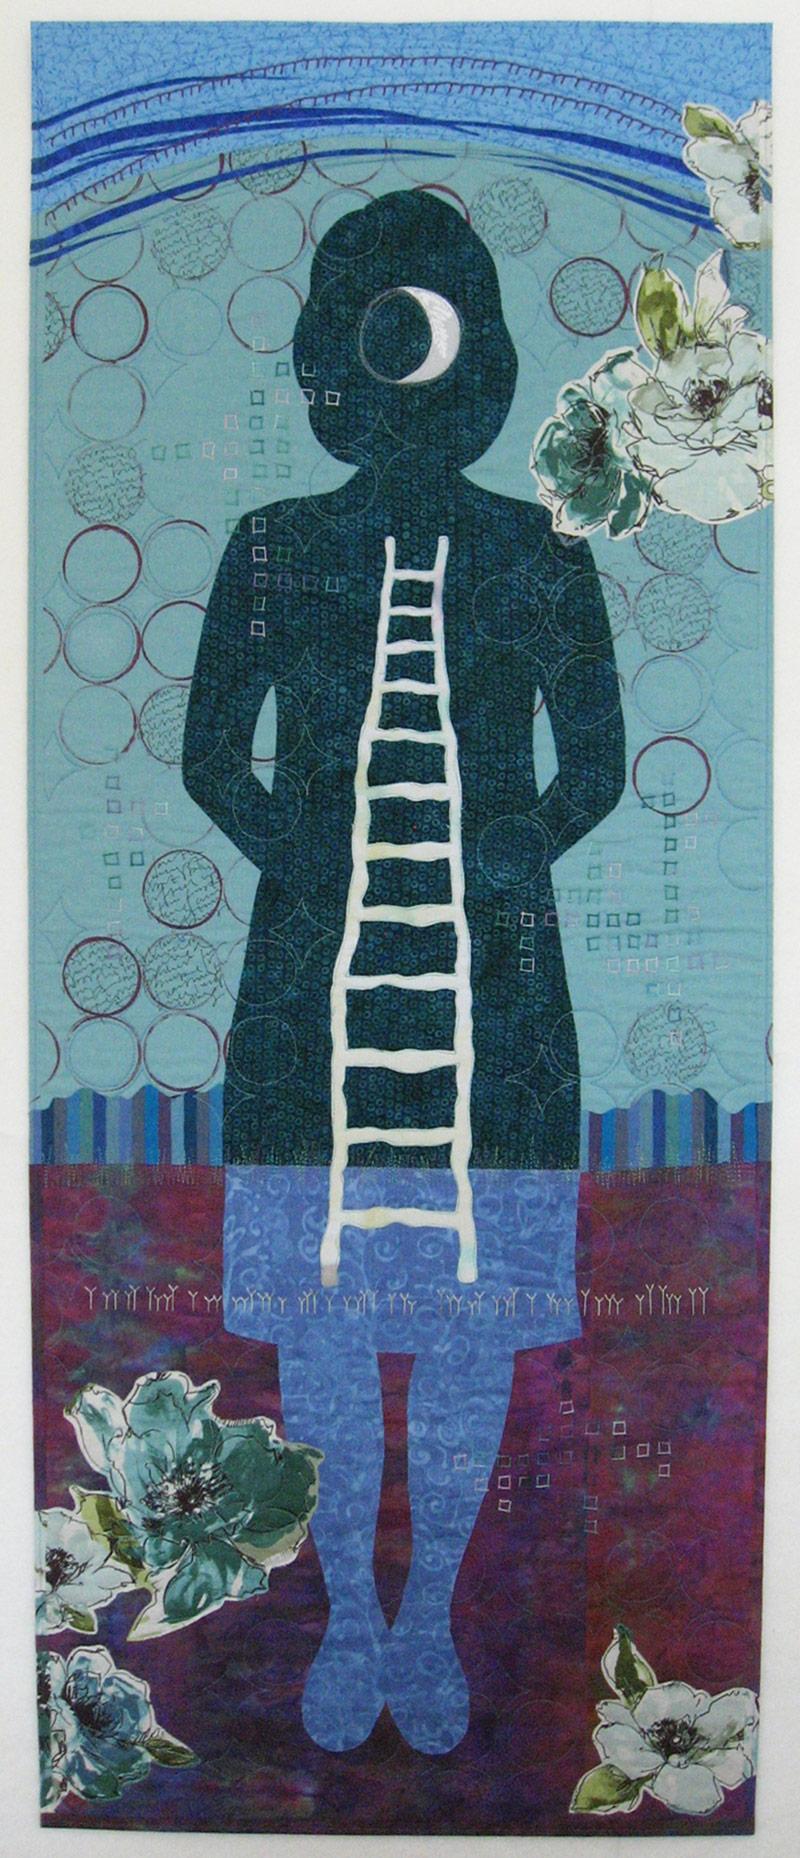 Textile Art Trends| Fiber Art by Deborah Boschert